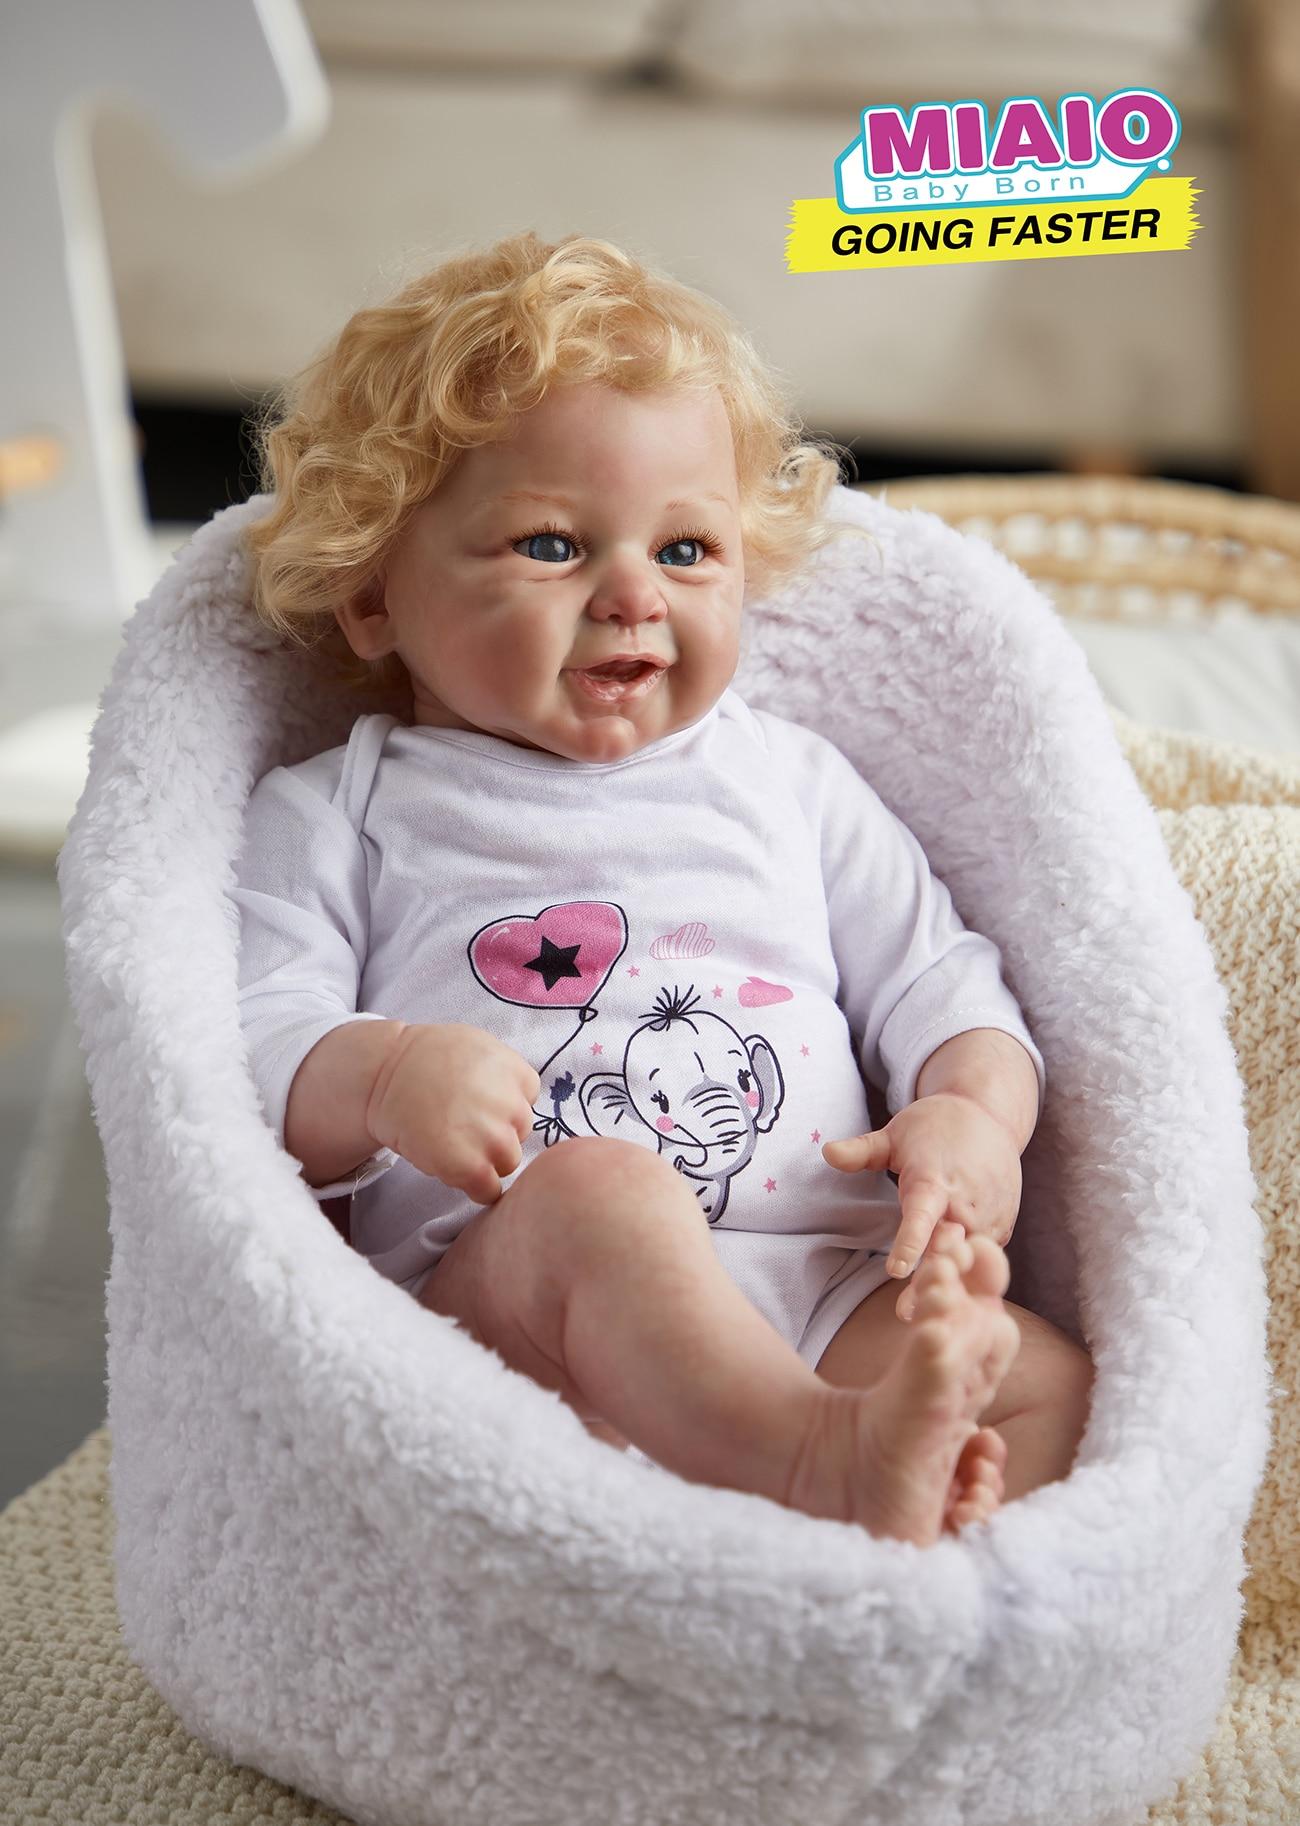 21 بوصة لول مبتسم واقعية تولد من جديد بيبي دمى على قيد الحياة الوليد القماش الجسم ألعاب من الفينيل هدية لفتاة الأطفال